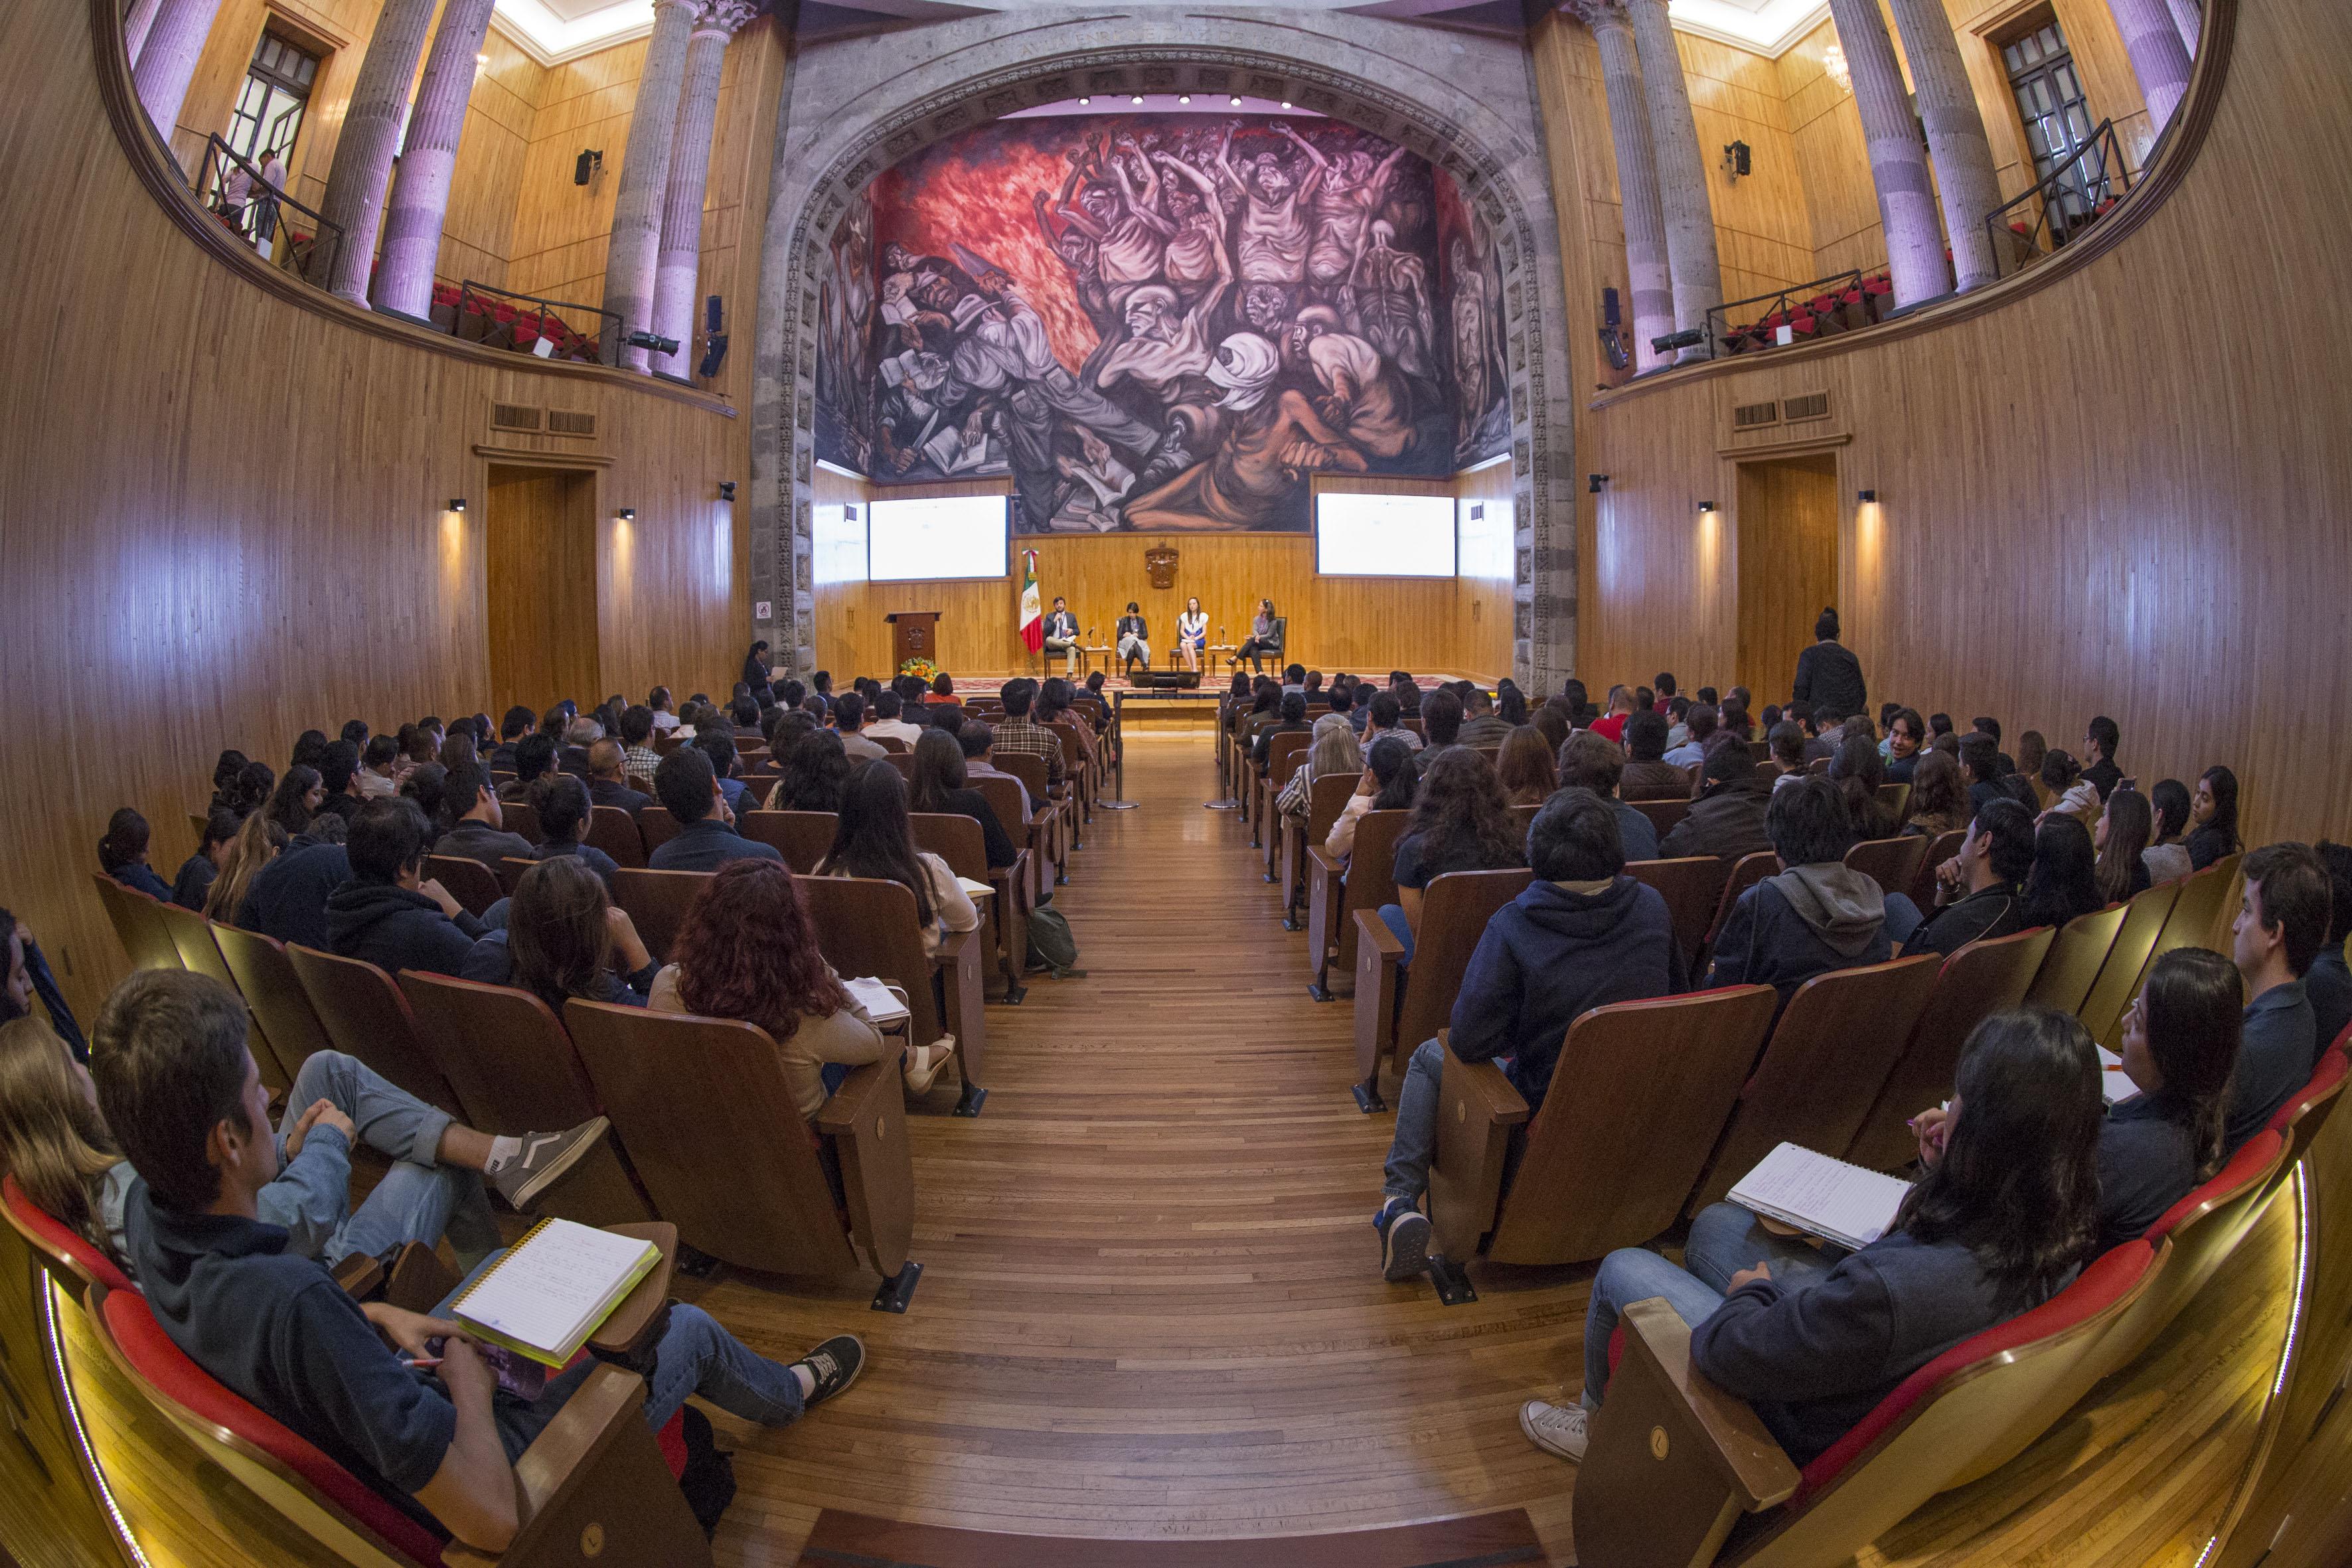 Inauguración del III Encuentro Latinoamericano de Innovación Social desde el Sector Público (ELIS) 2017, en el Paraninfo Enrique Díaz de León de la UdeG.